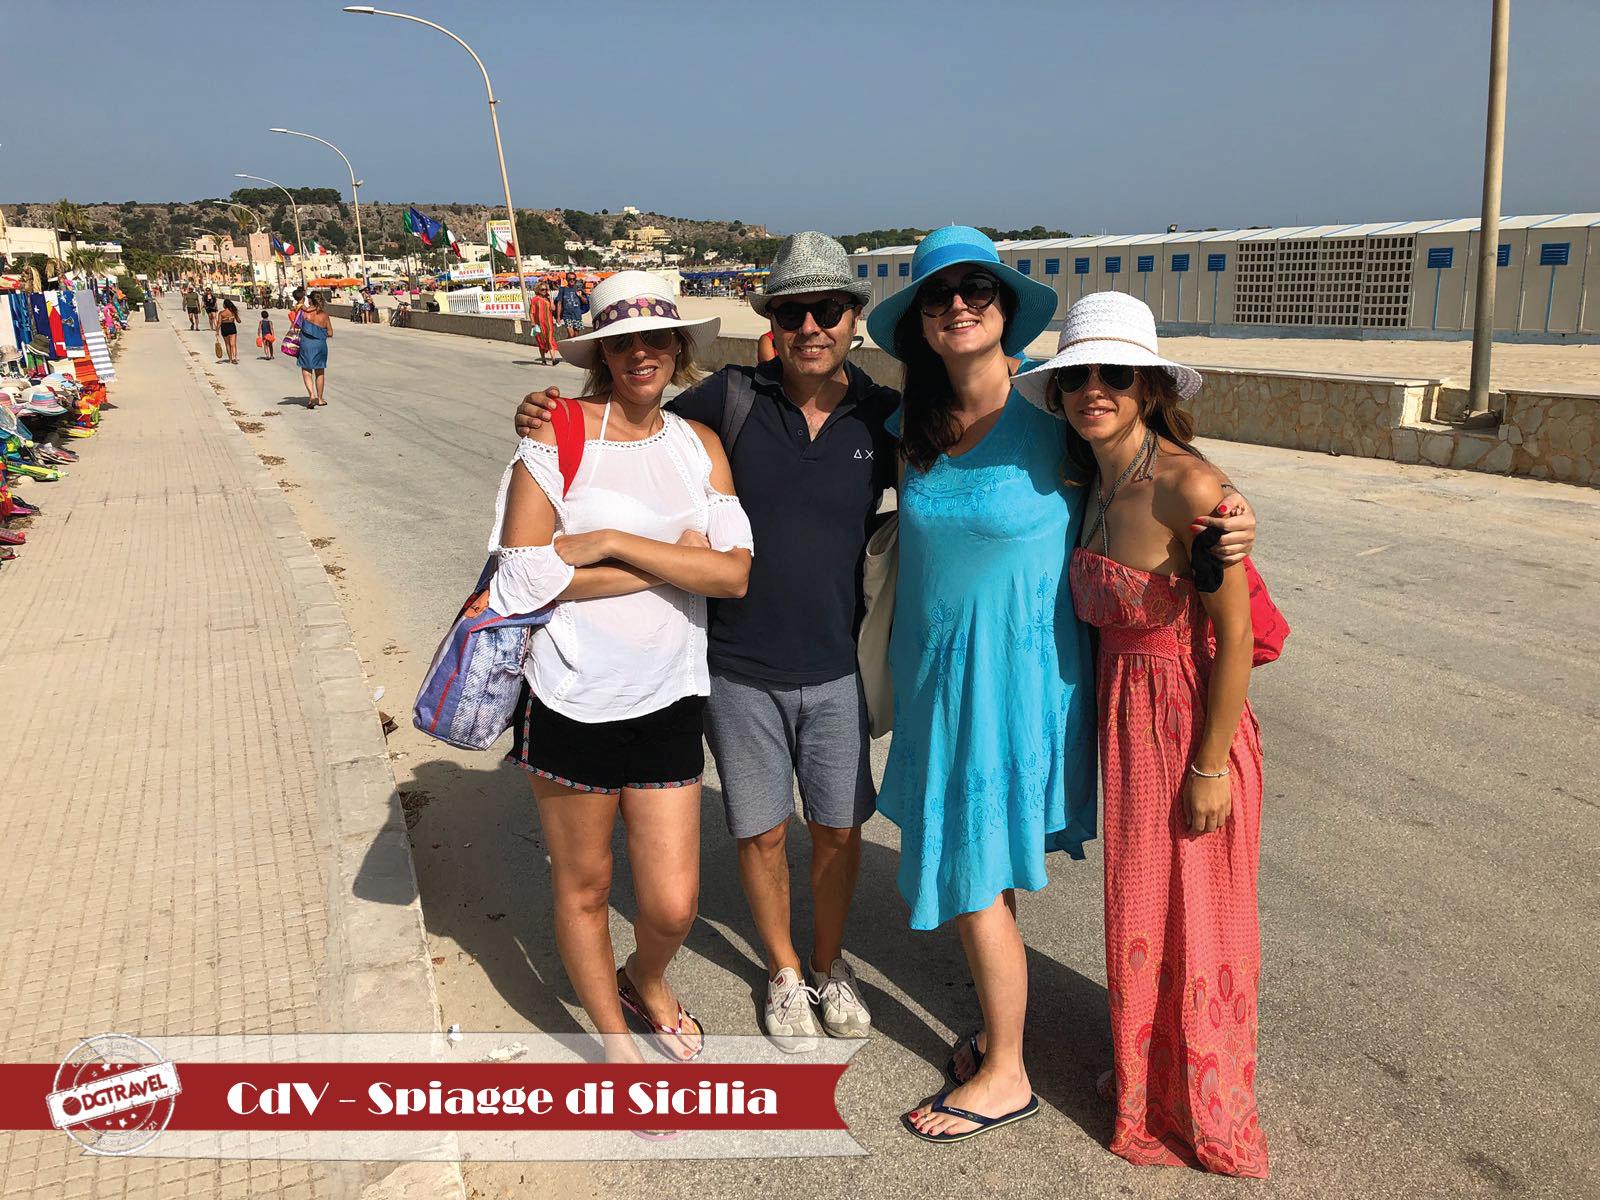 spiagge di sicilia in tour